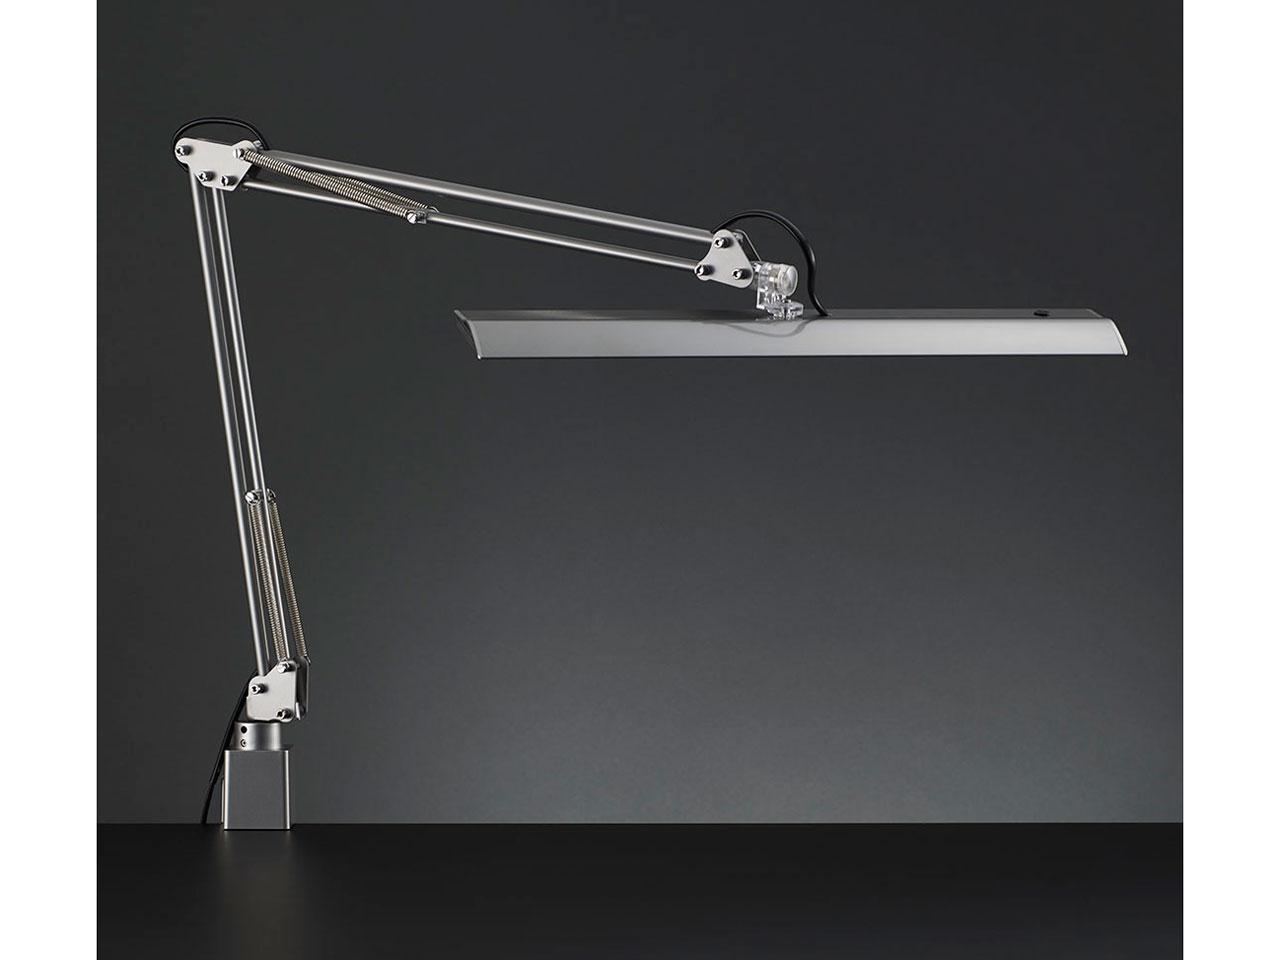 山田照明 Z-LIGHT LEDデスクライト 高演色Ra90 肌色きれい 明るさ2430Lx シルバー Z-10RSL【smtb-s】